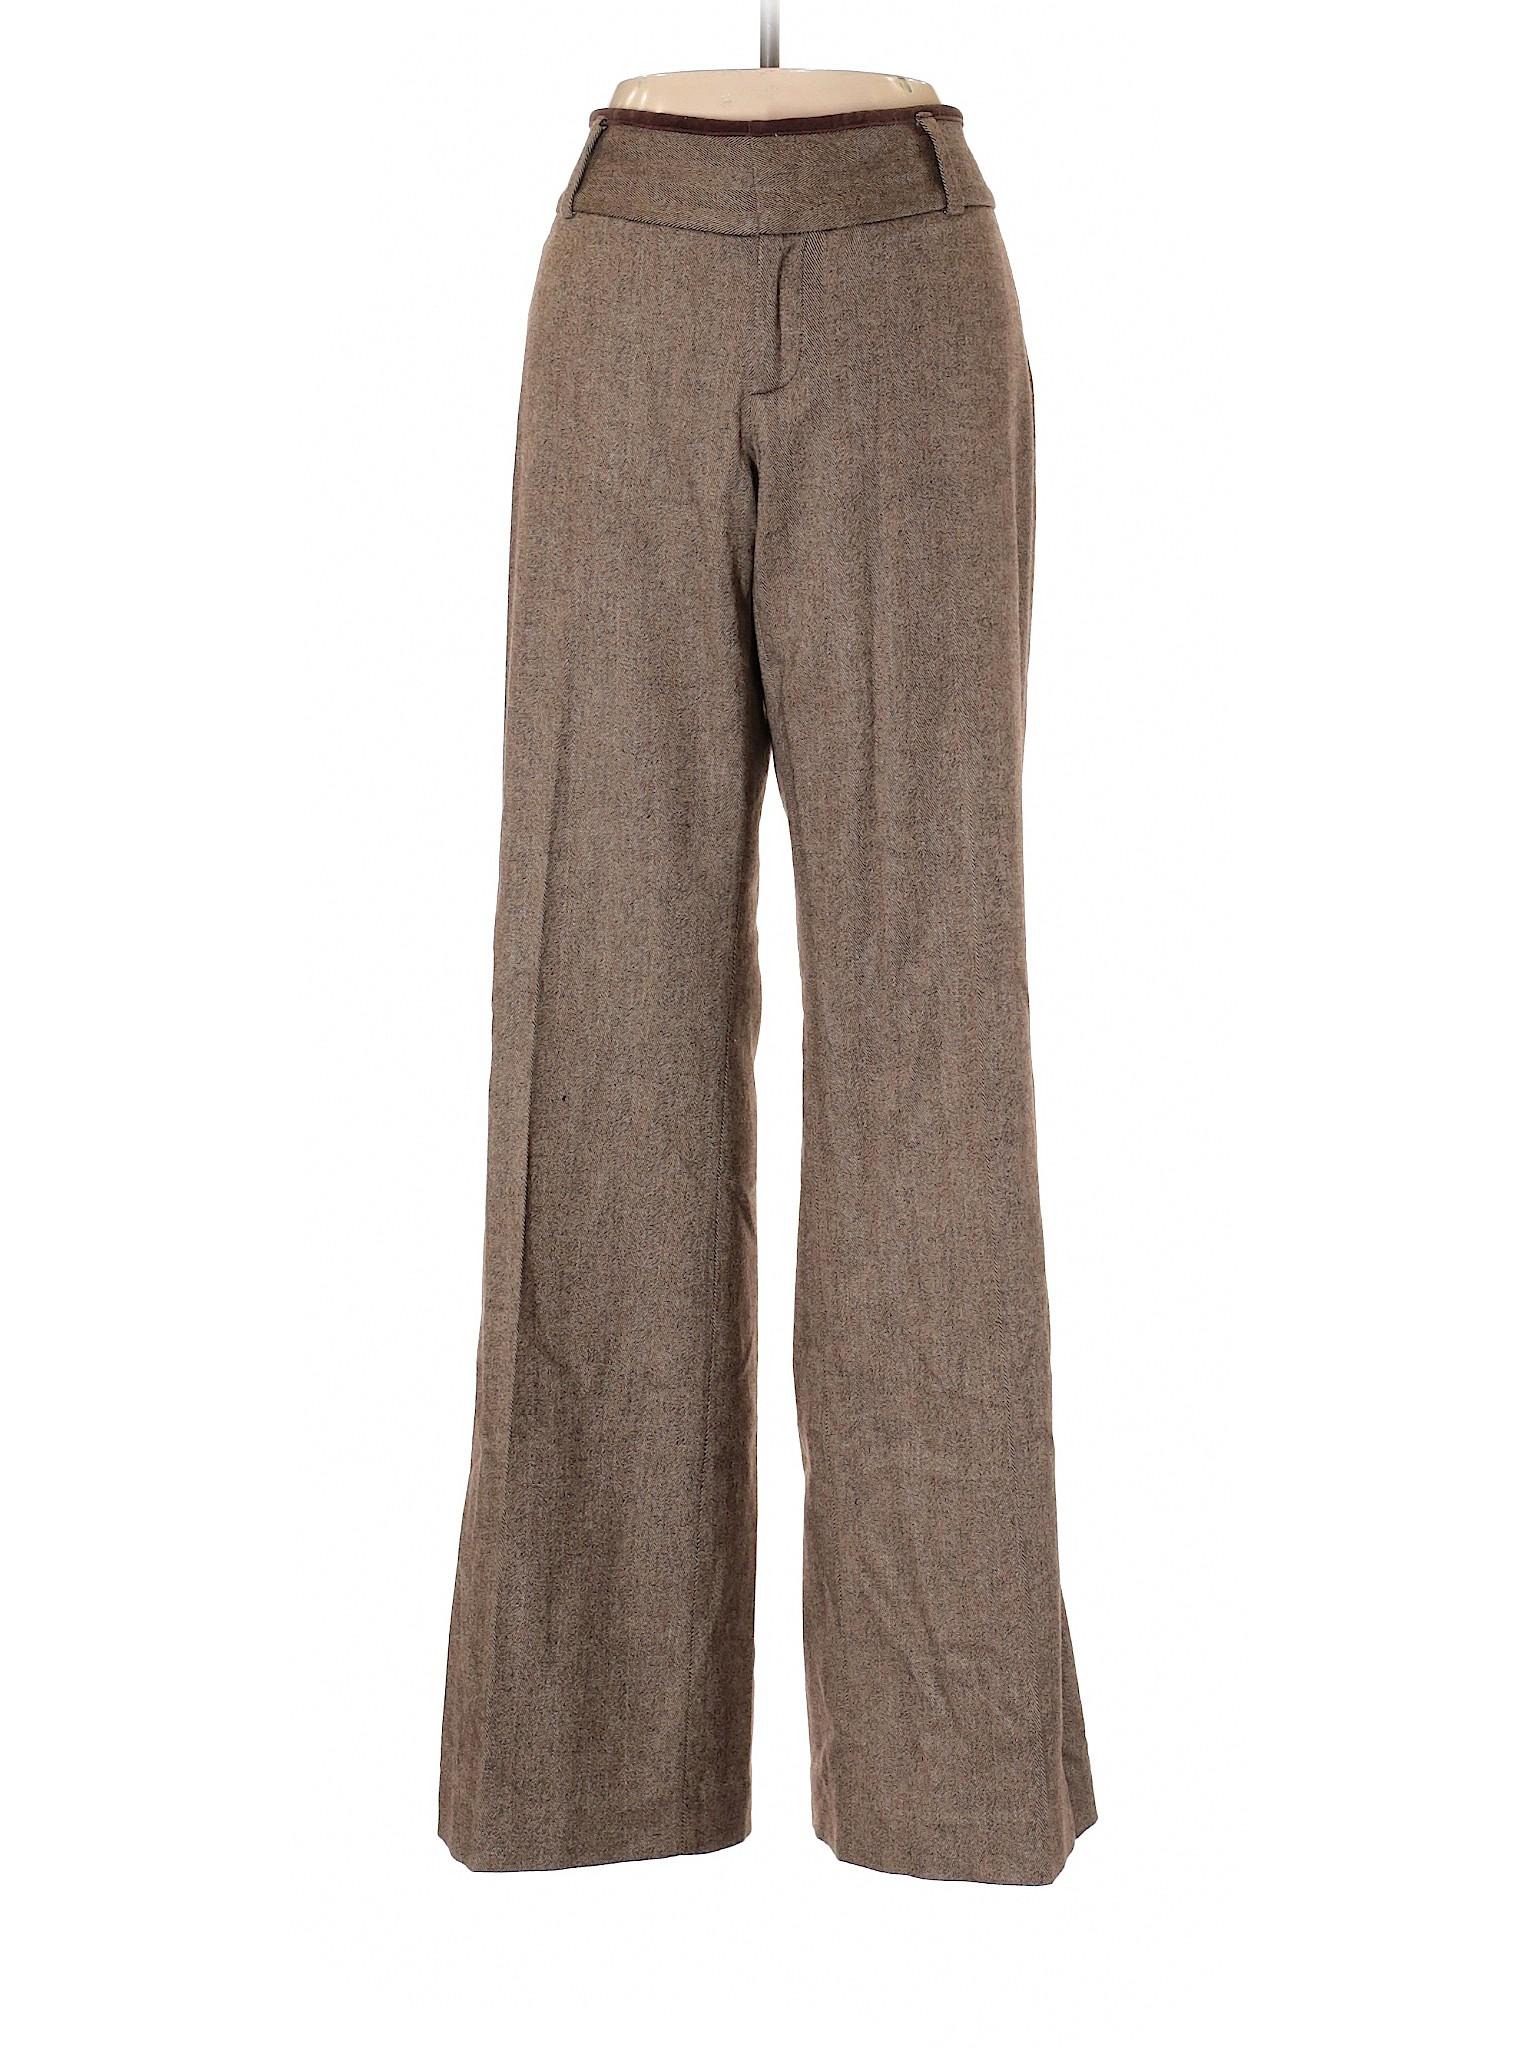 Dress Pants Boutique Republic leisure Banana 8xHqnPZwt